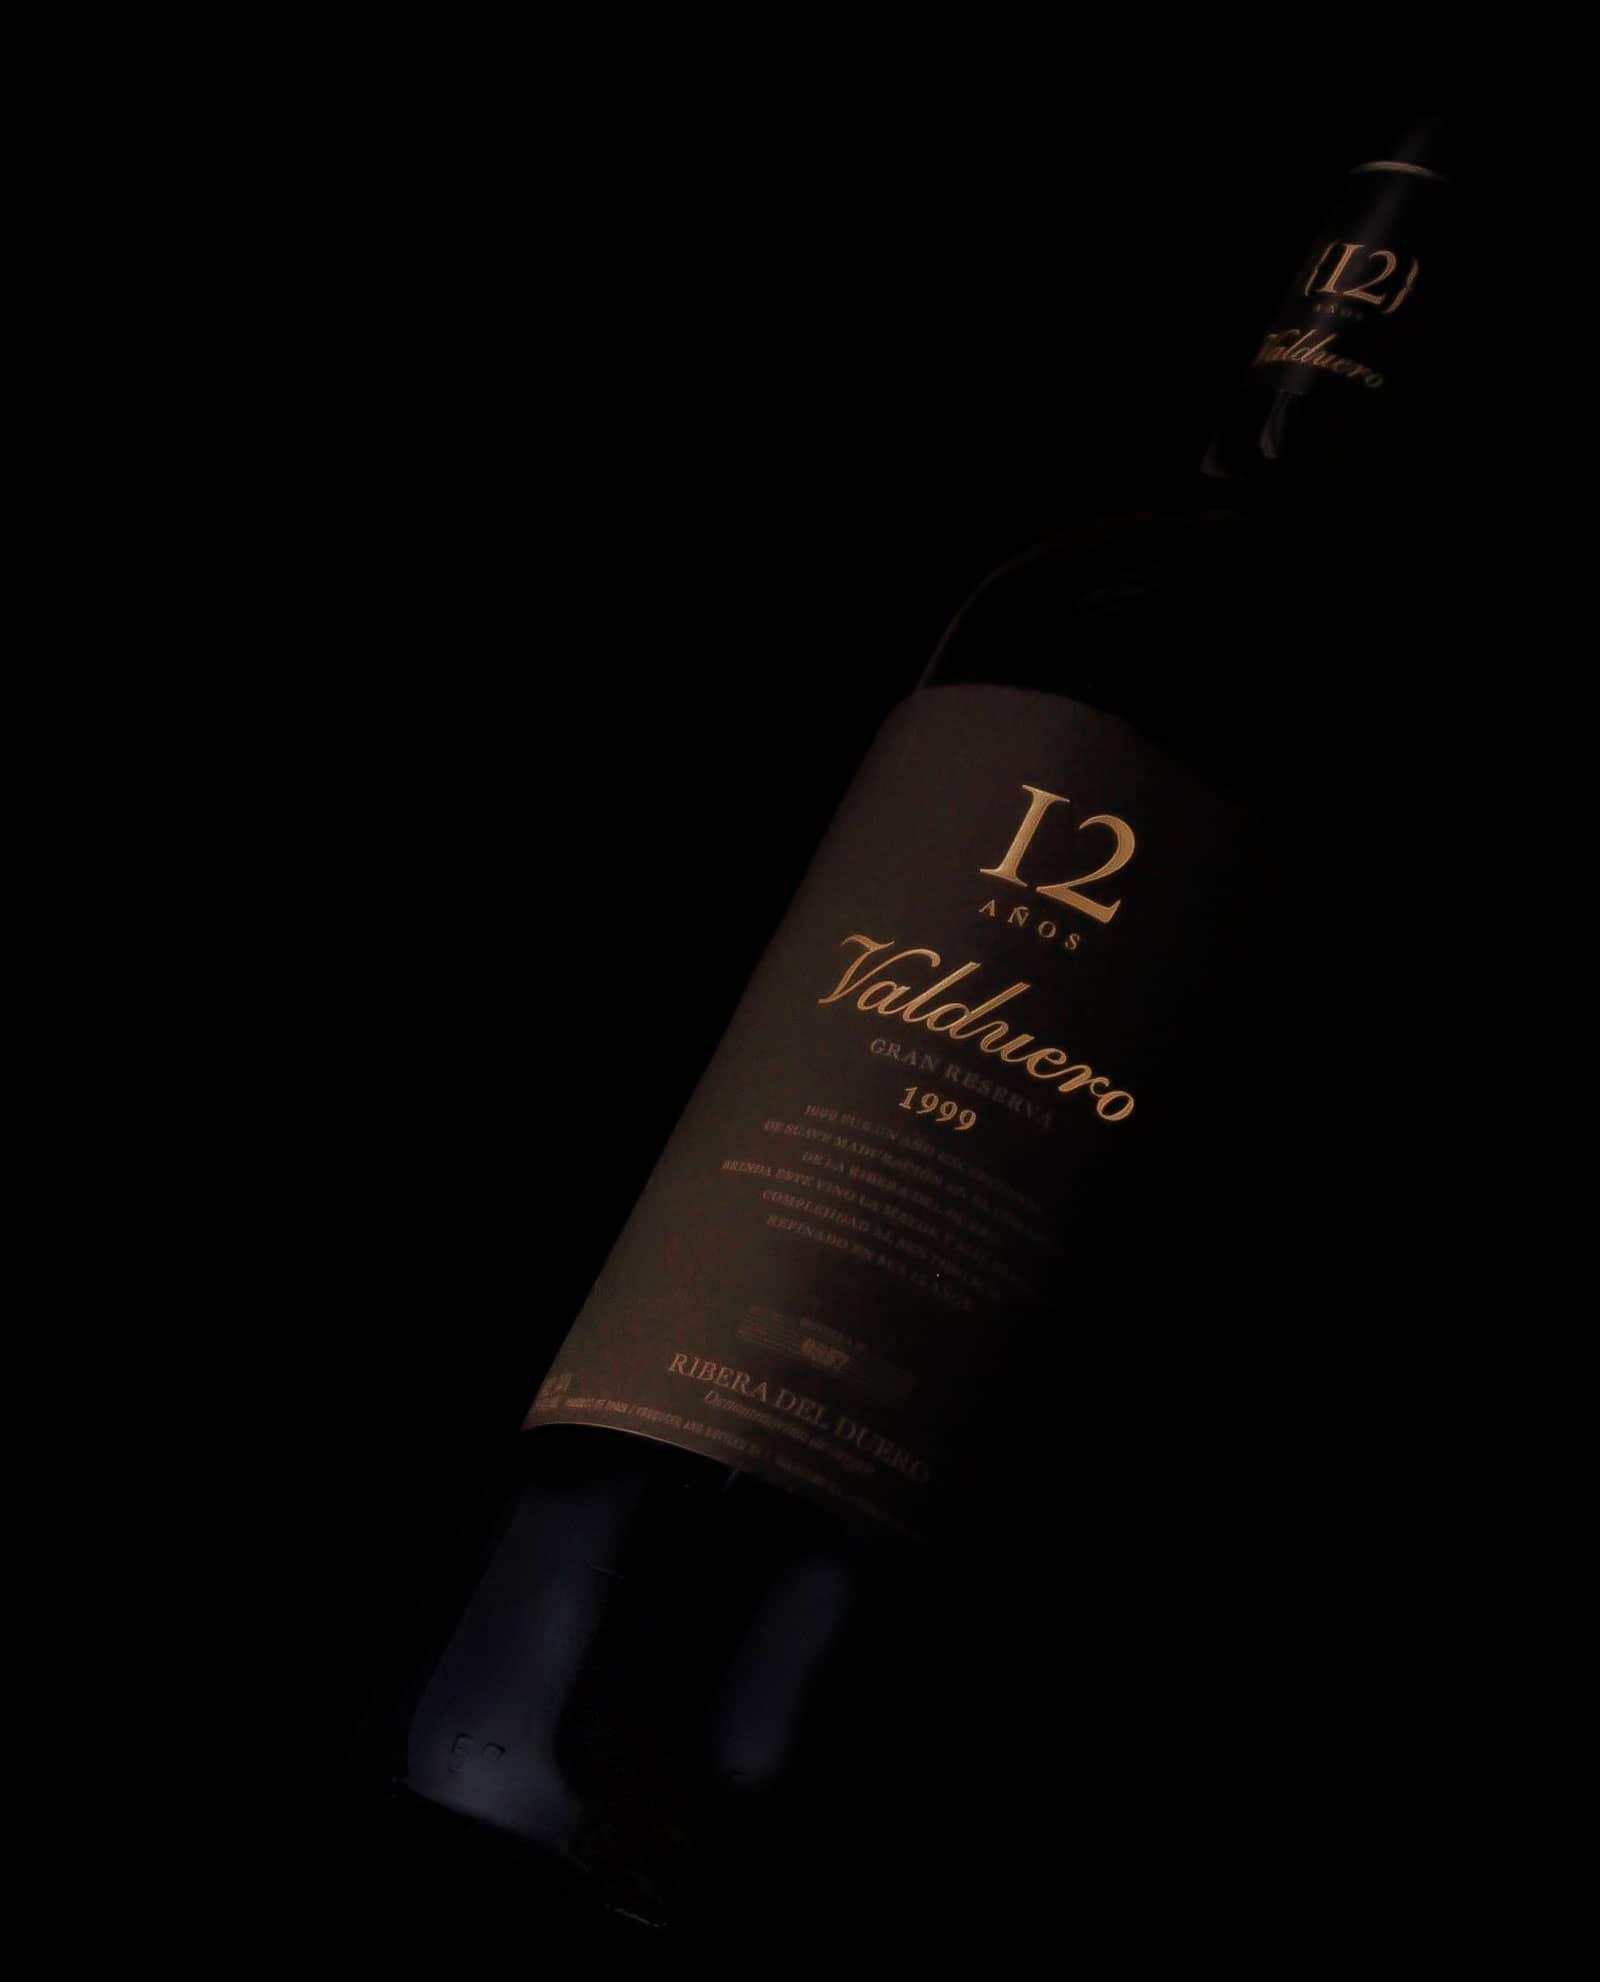 Detalle de Botella de vino Valduero 12 años, vino de lujo de la Ribera del Duero